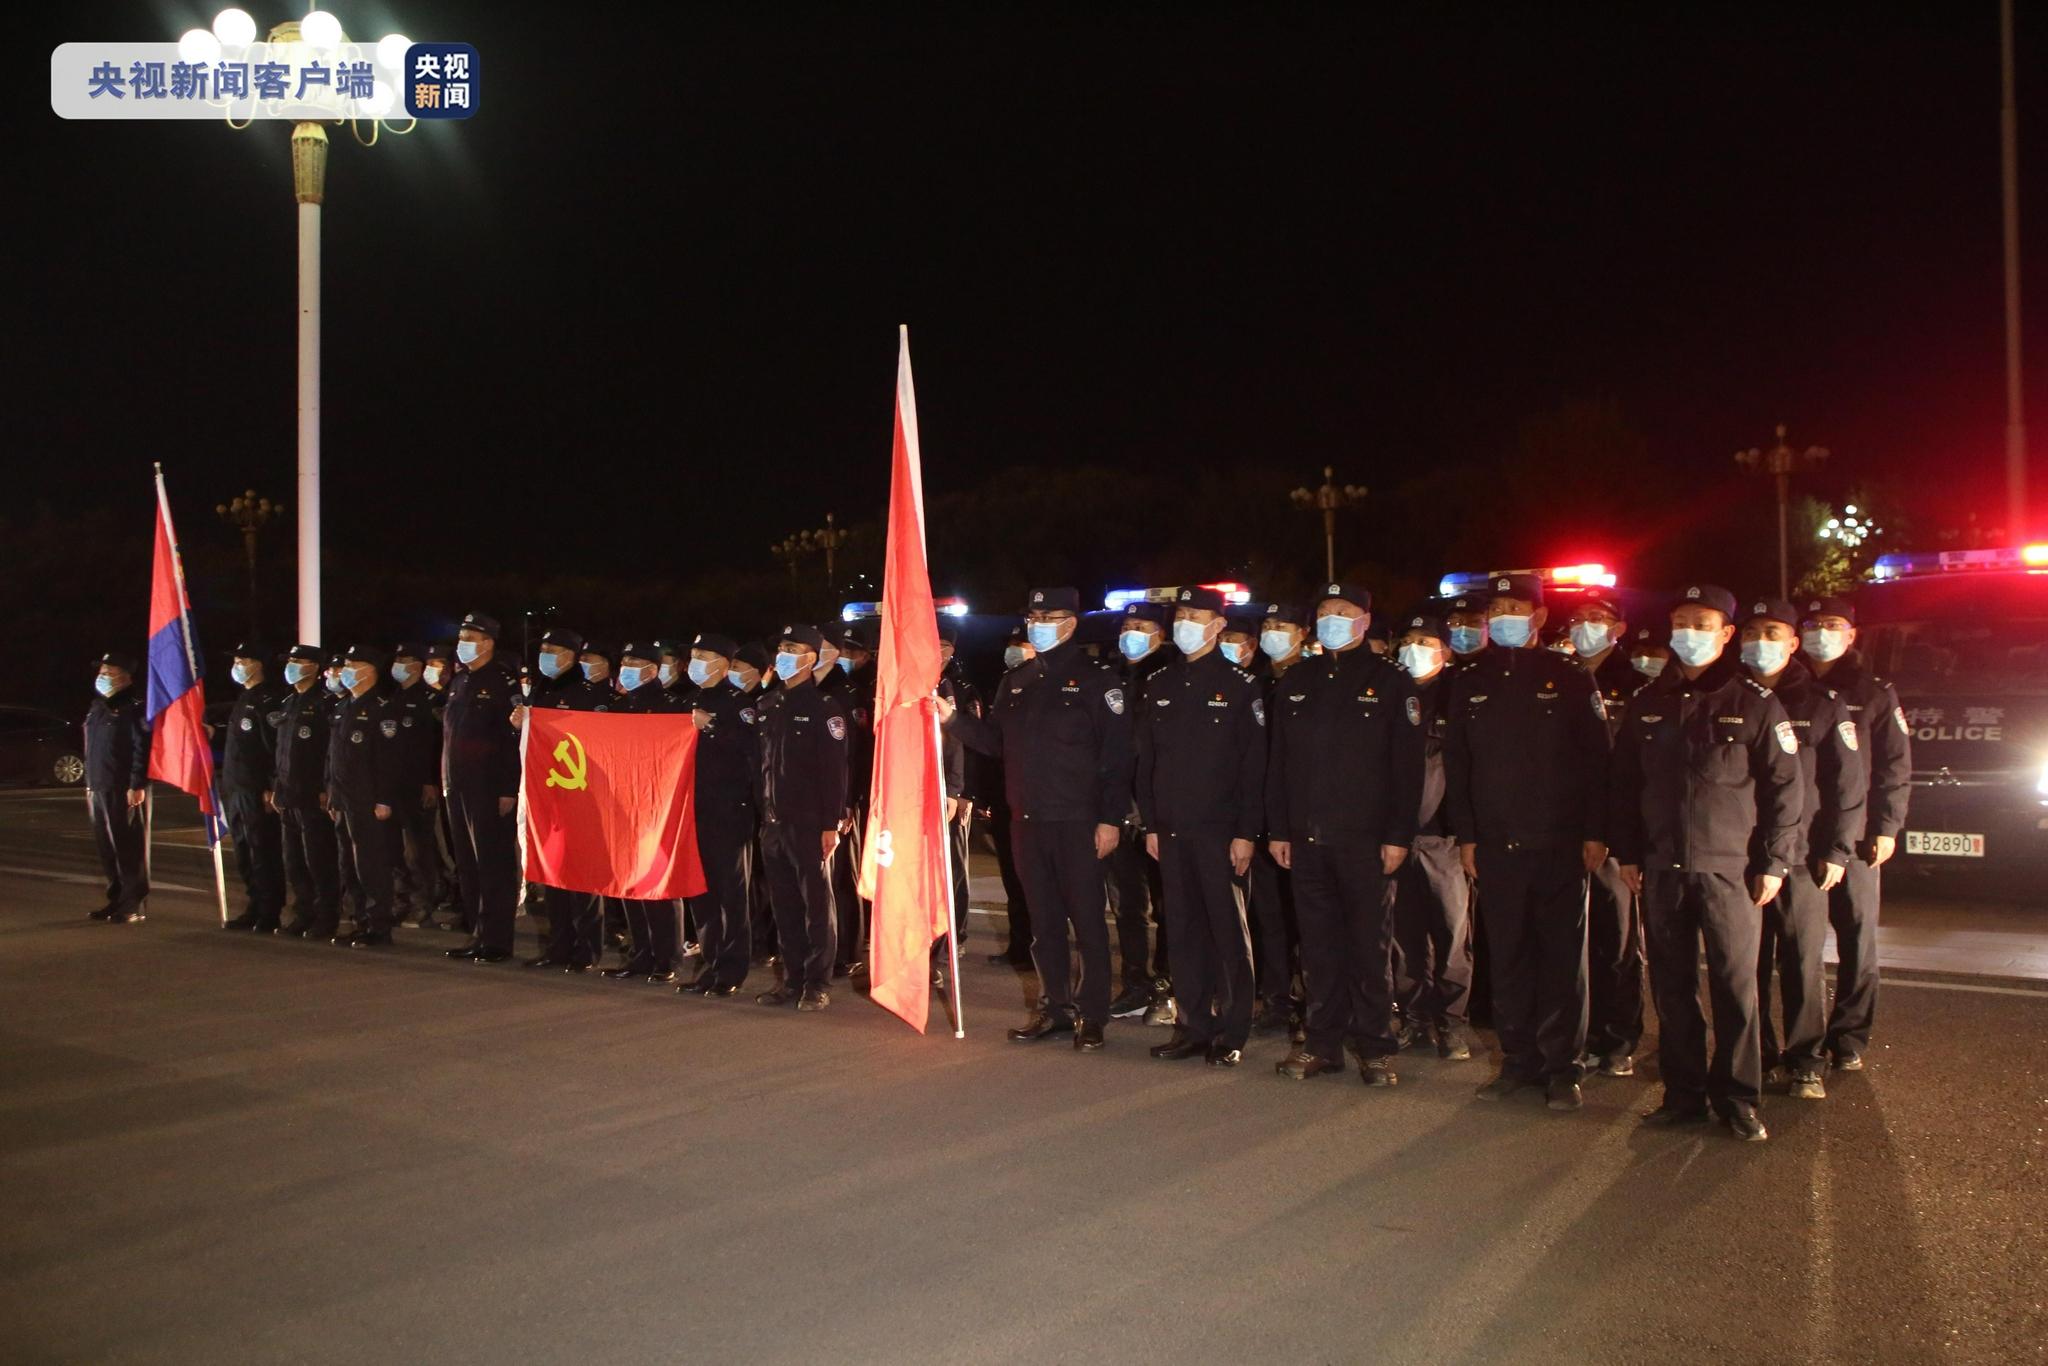 内蒙古包头多部门警力千里驰援额济纳旗